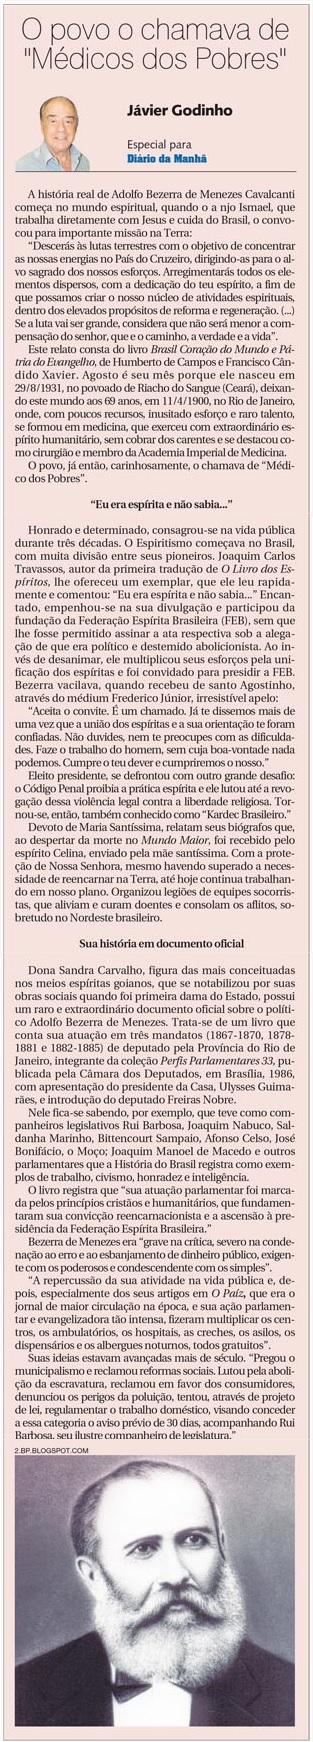 DM 20-08-2014 - O povo o chamava de Médico dos Pobres - Jávier Godinho